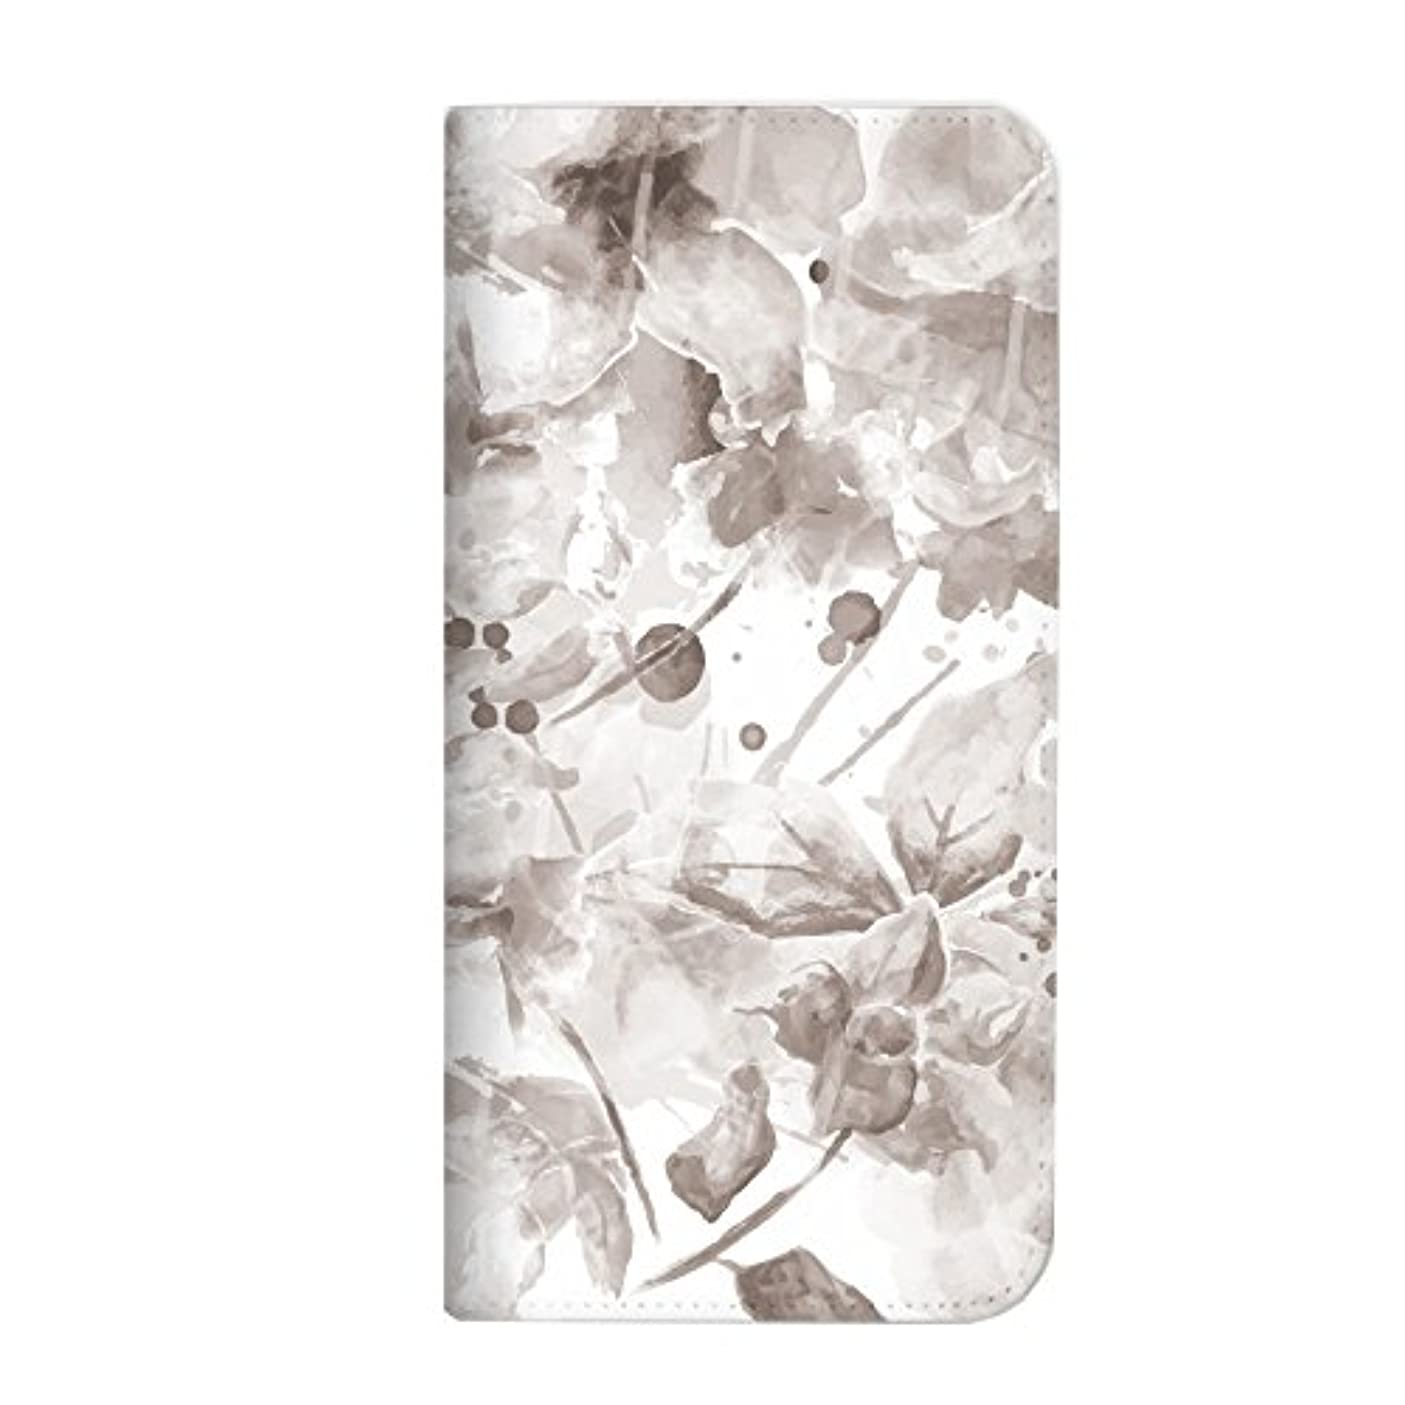 つづりアカデミーロッカーmitas ZenFone 3 ZE552KL ケース 手帳型 ベルトなし 水彩 花 フラワー D (245) NB-0221-D/ZE552KL